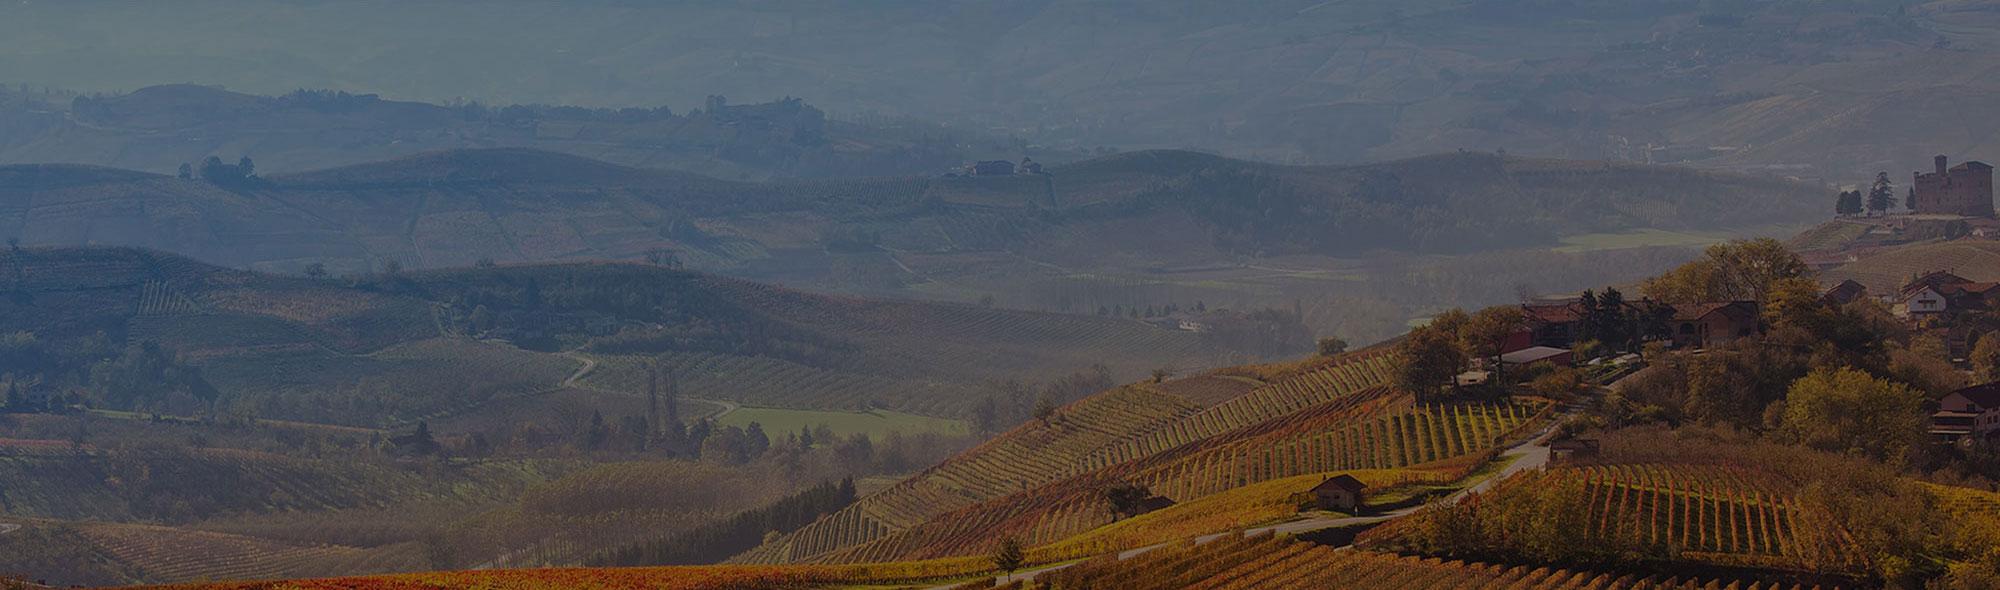 banner image hills